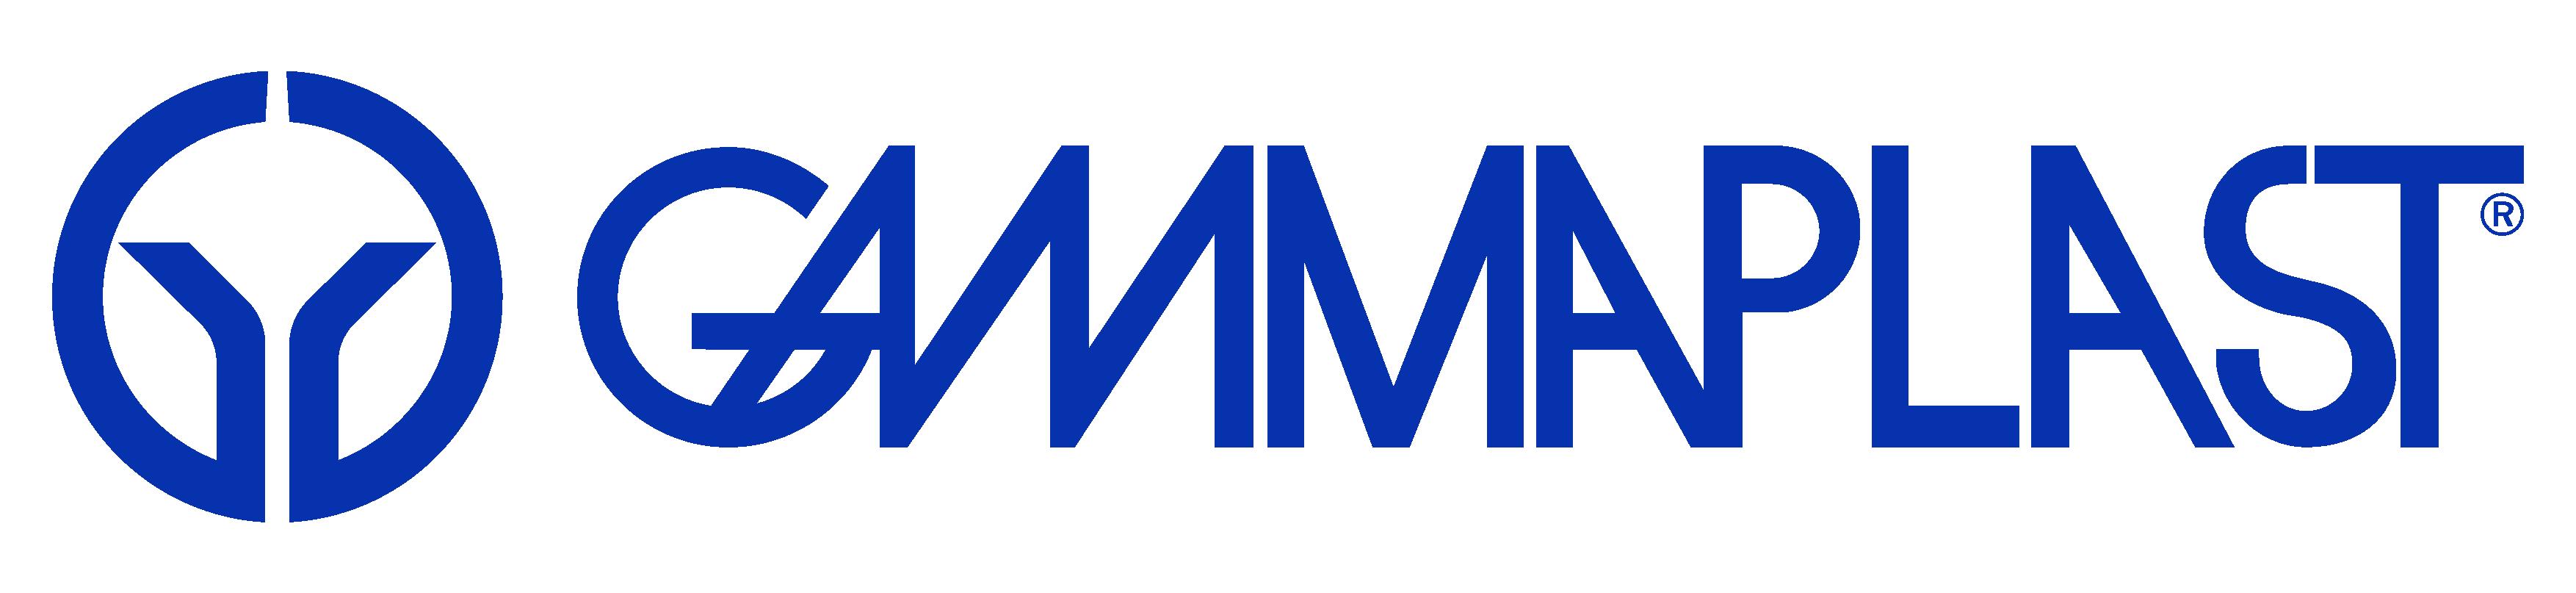 Gammaplast produzione materie plastiche